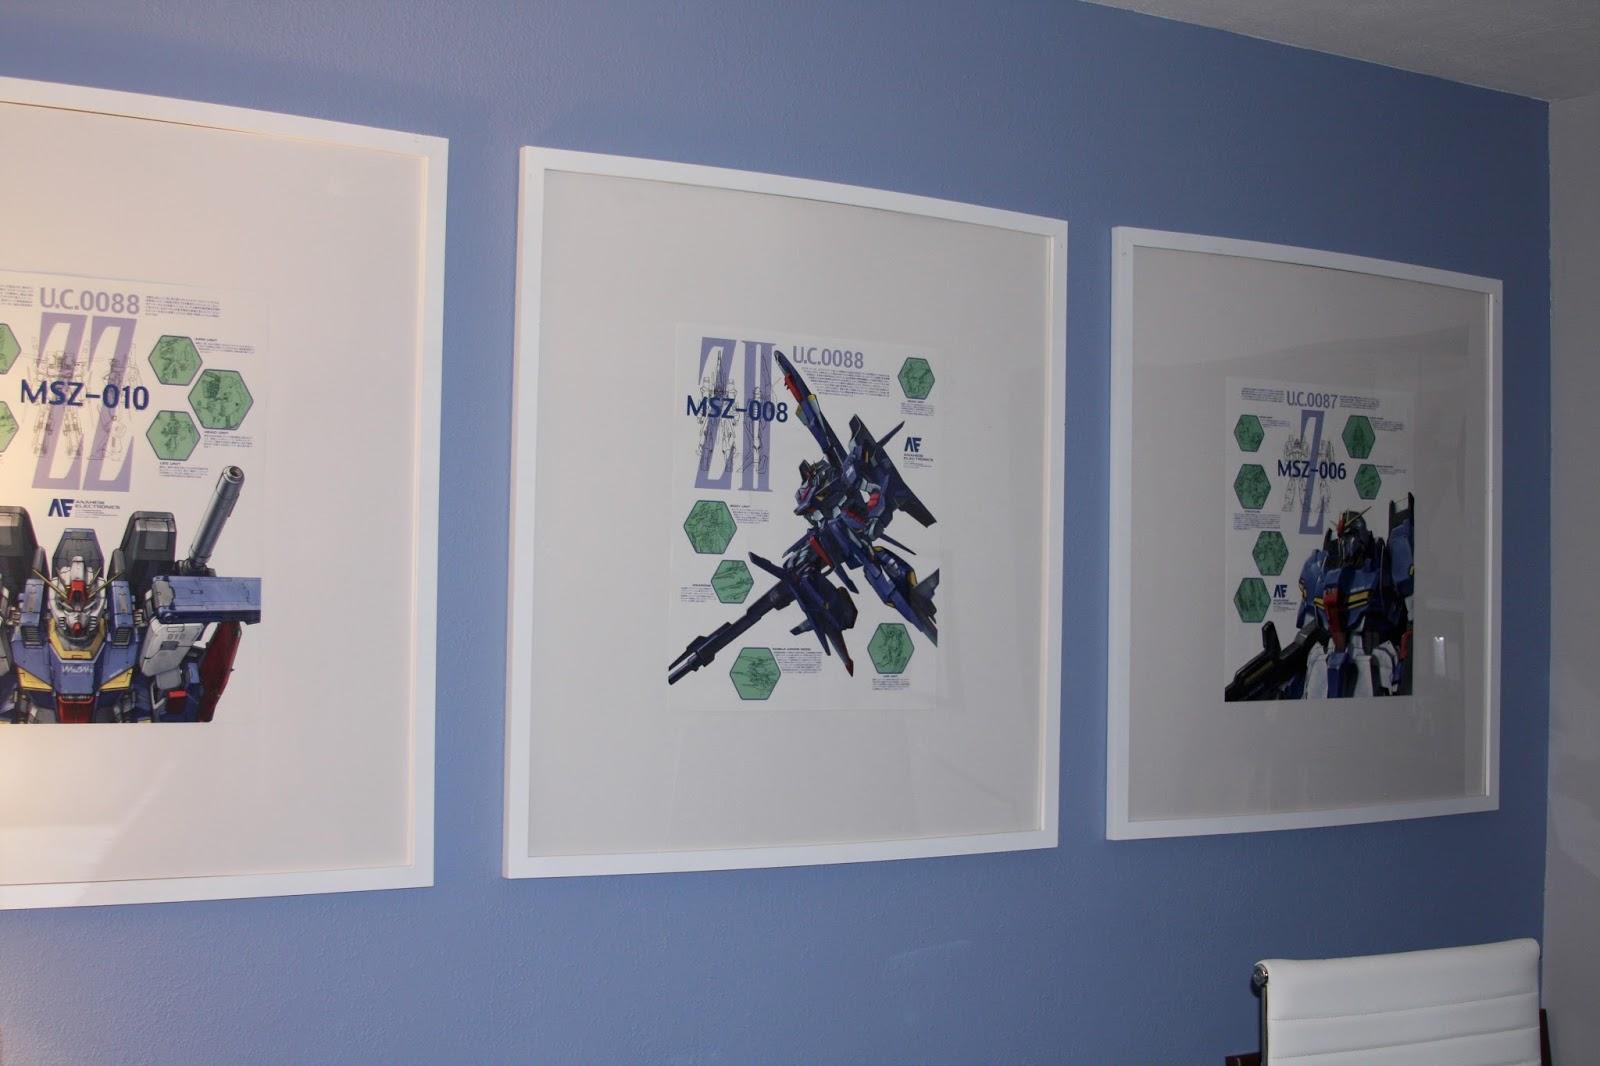 Diy Calendar Wall Art : Geek diy bam calendar page picture frame wall art